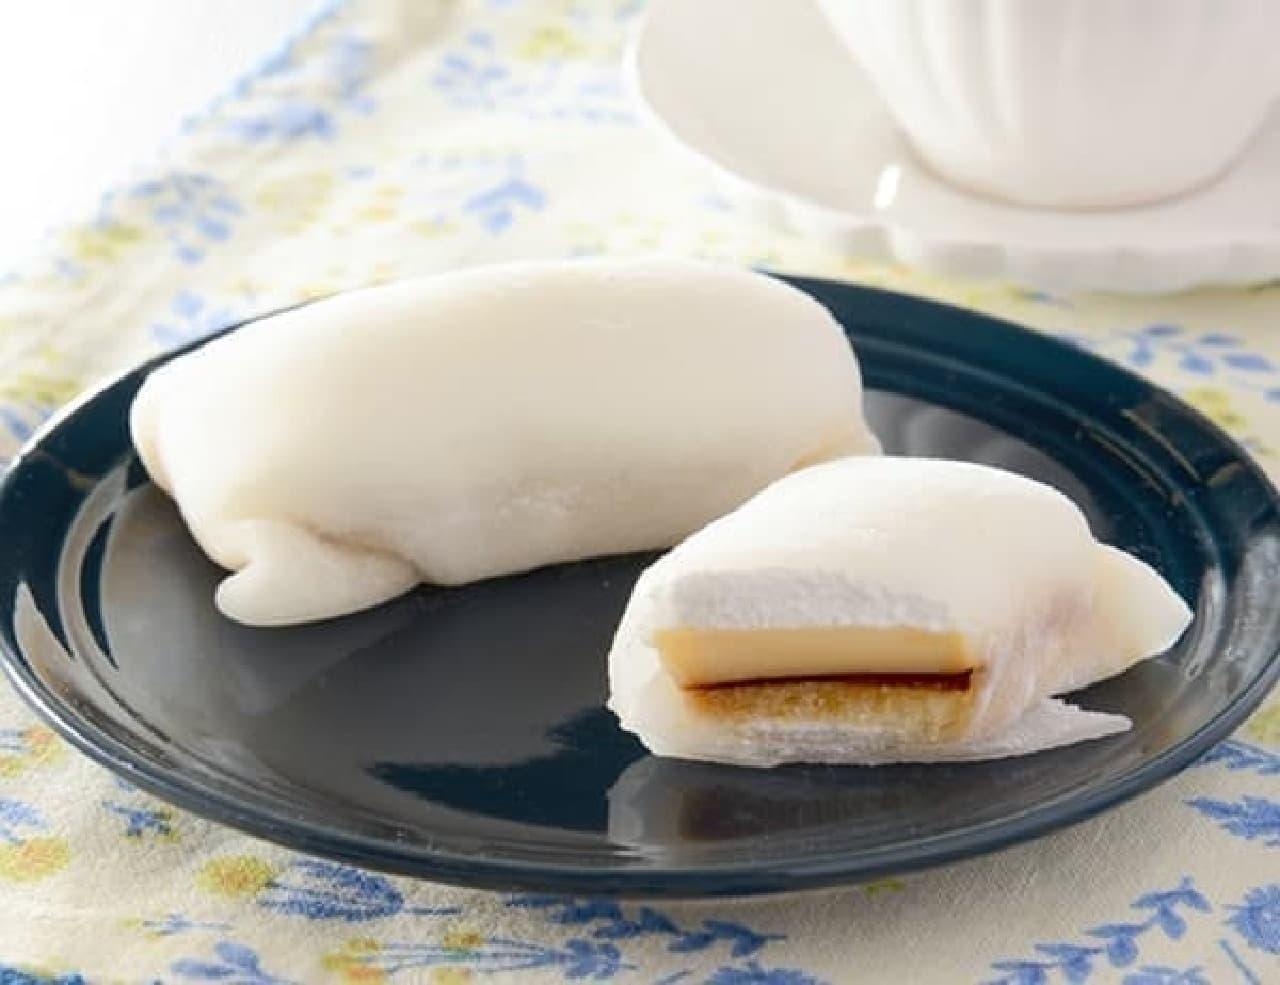 ローソン「モチクルン-おもちでくるプリンケーキ-」